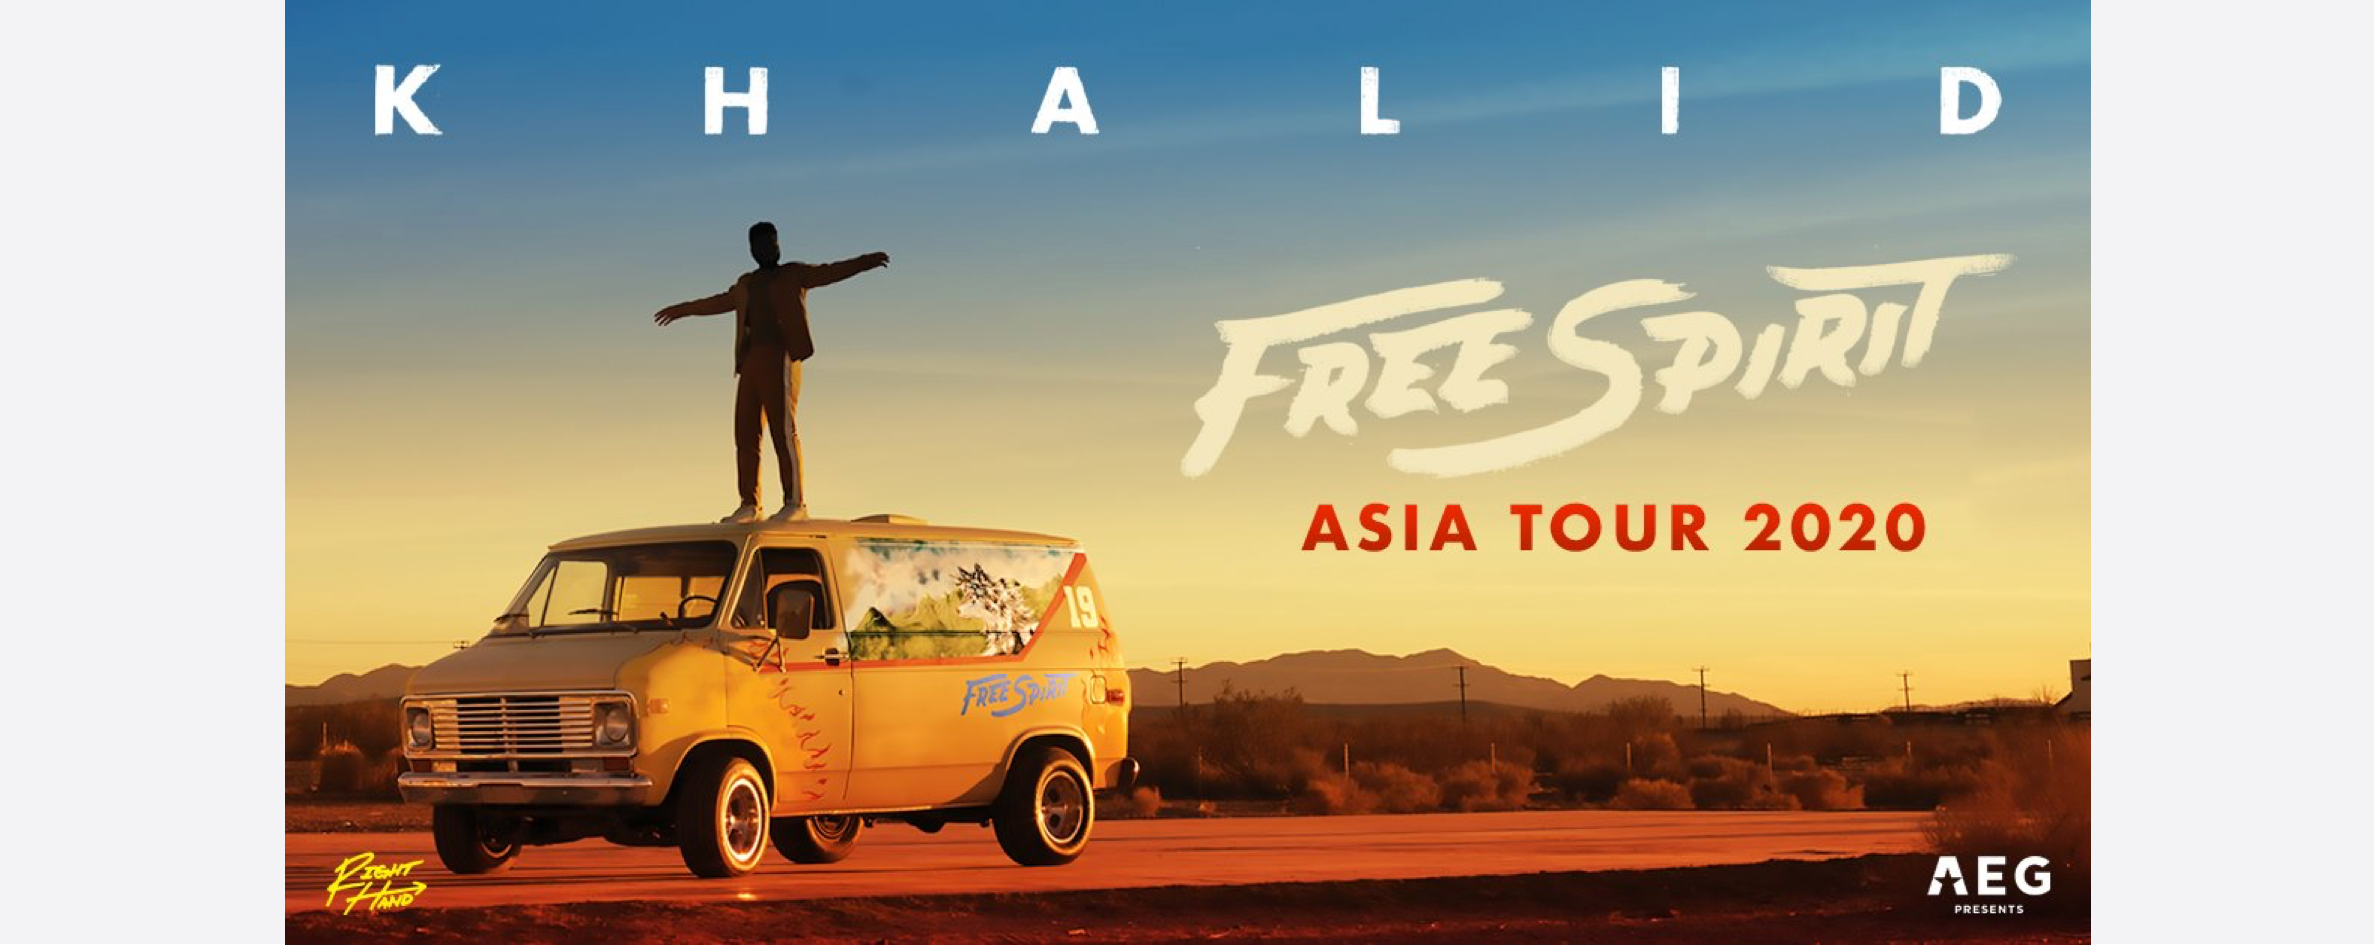 [POSTPONED] Khalid Free Spirit World Tour 2020 Singapore